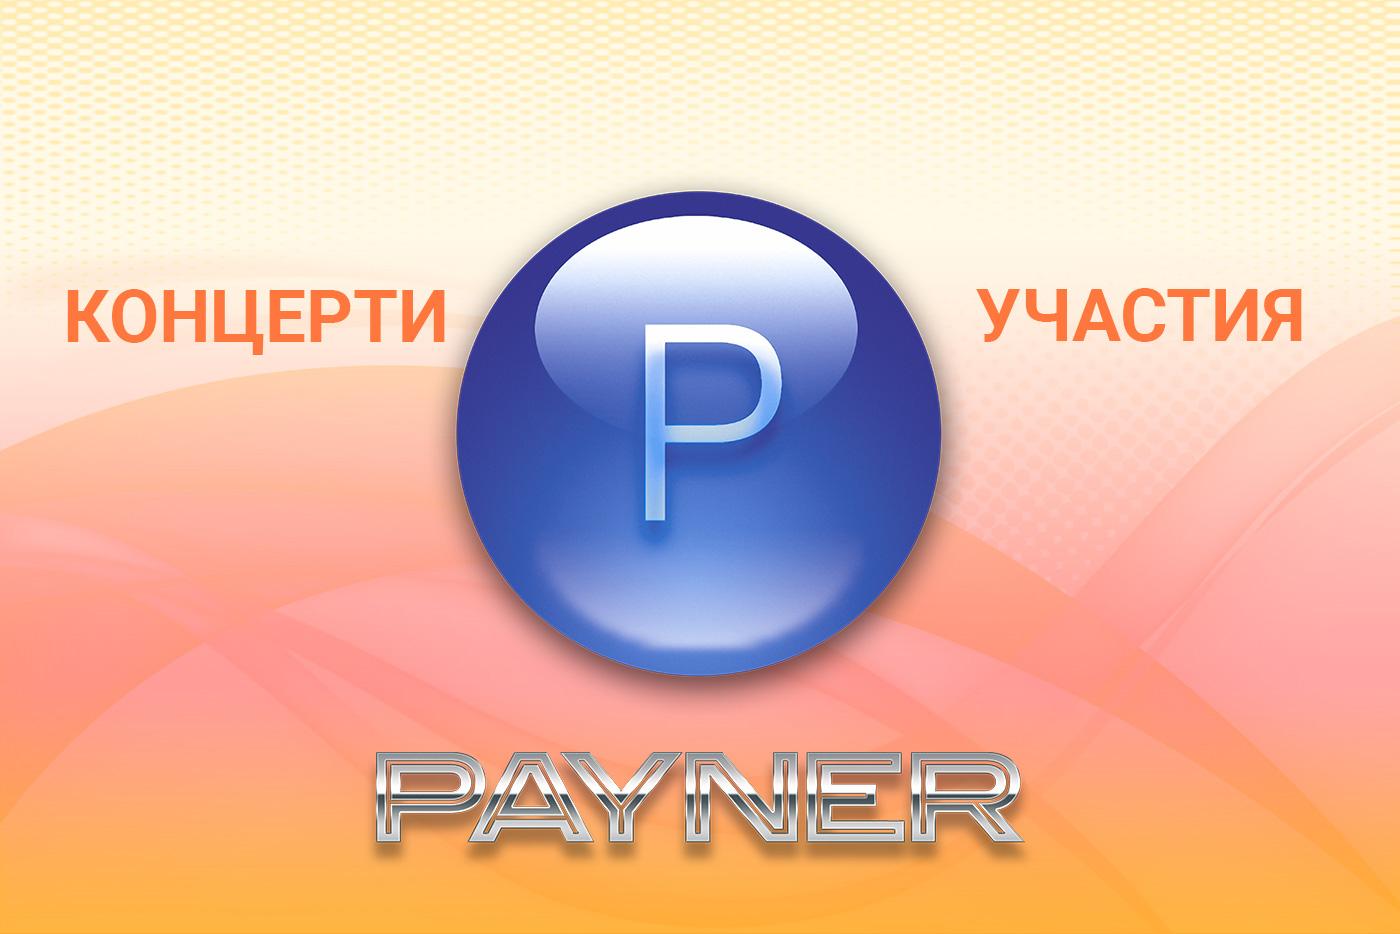 """Участия на звездите на """"Пайнер"""" на 09.11.2018"""